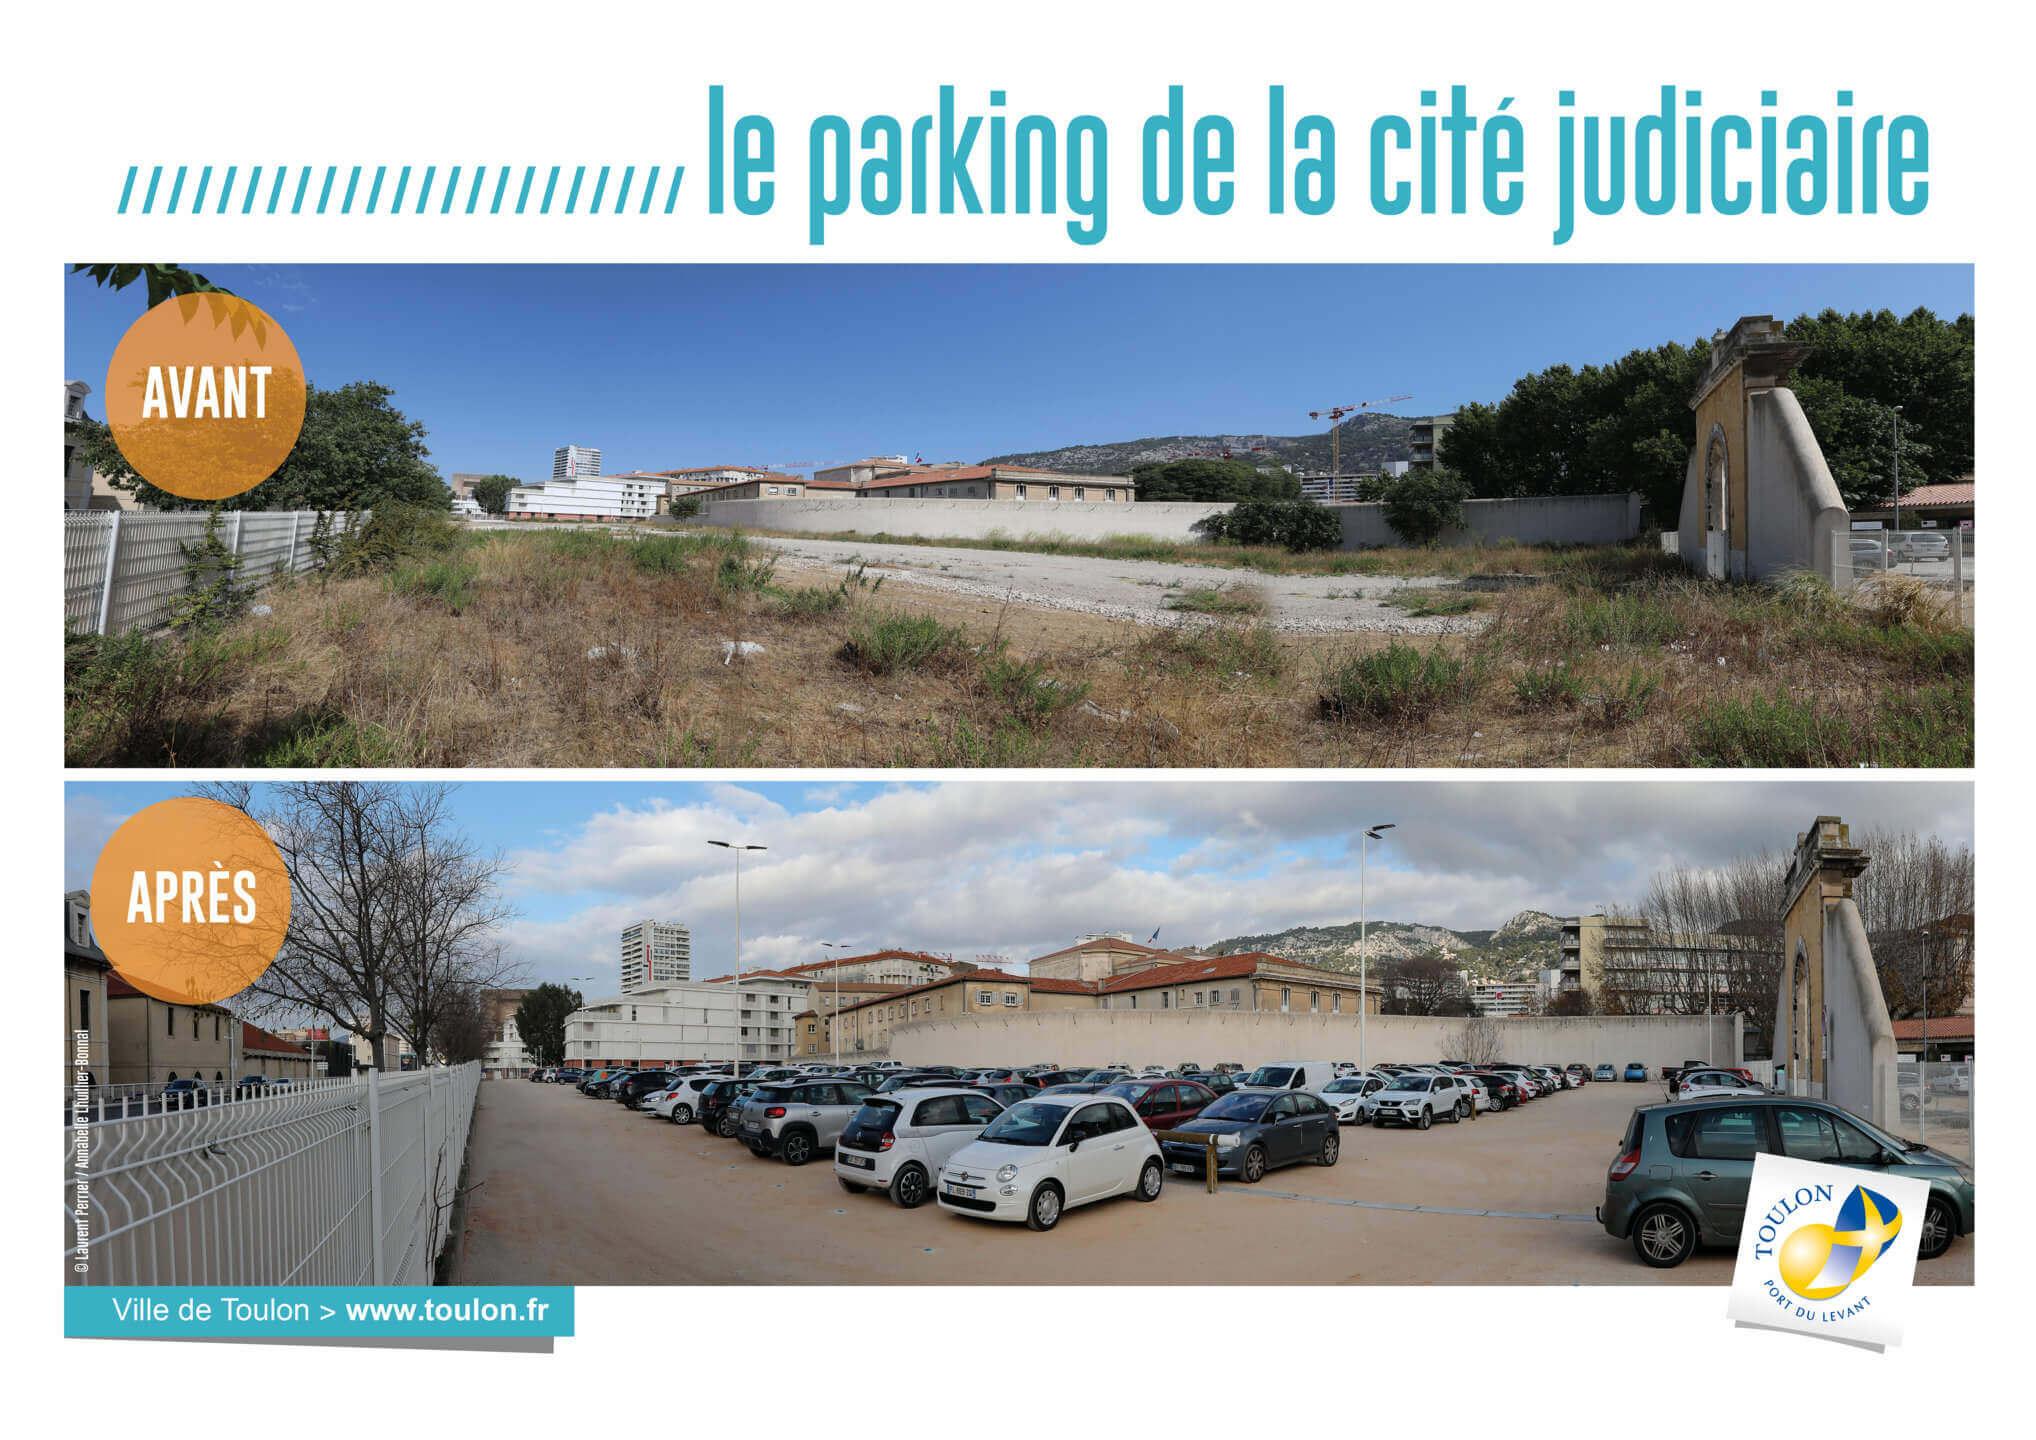 Le parking de la cité judiciaire